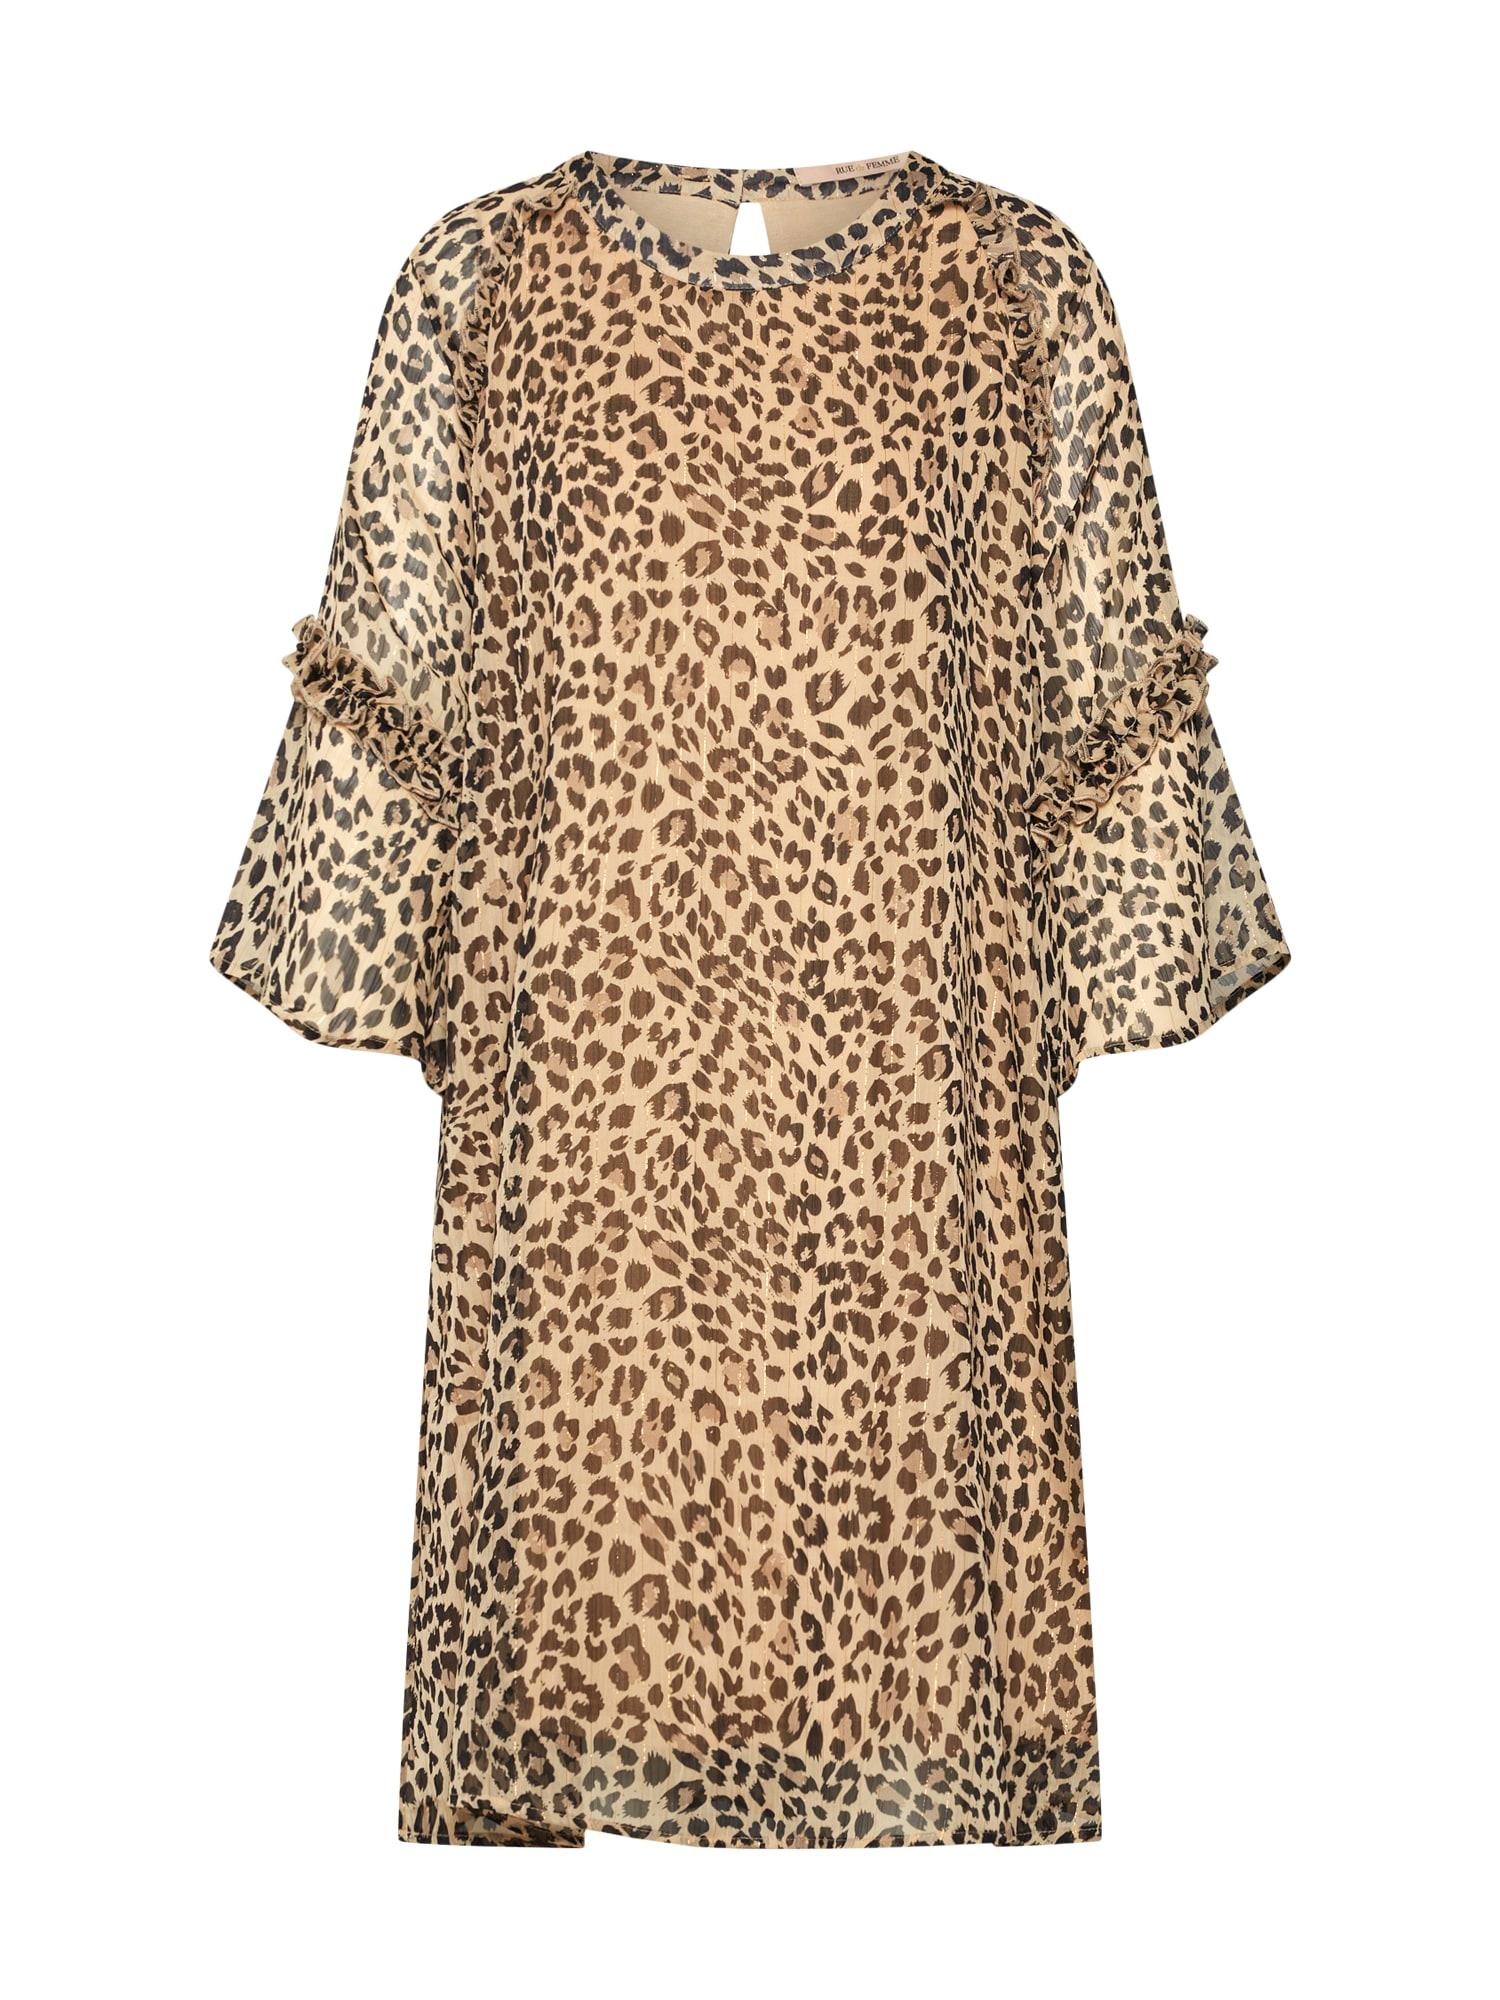 Letní šaty Viva Spring písková černá RUE De FEMME